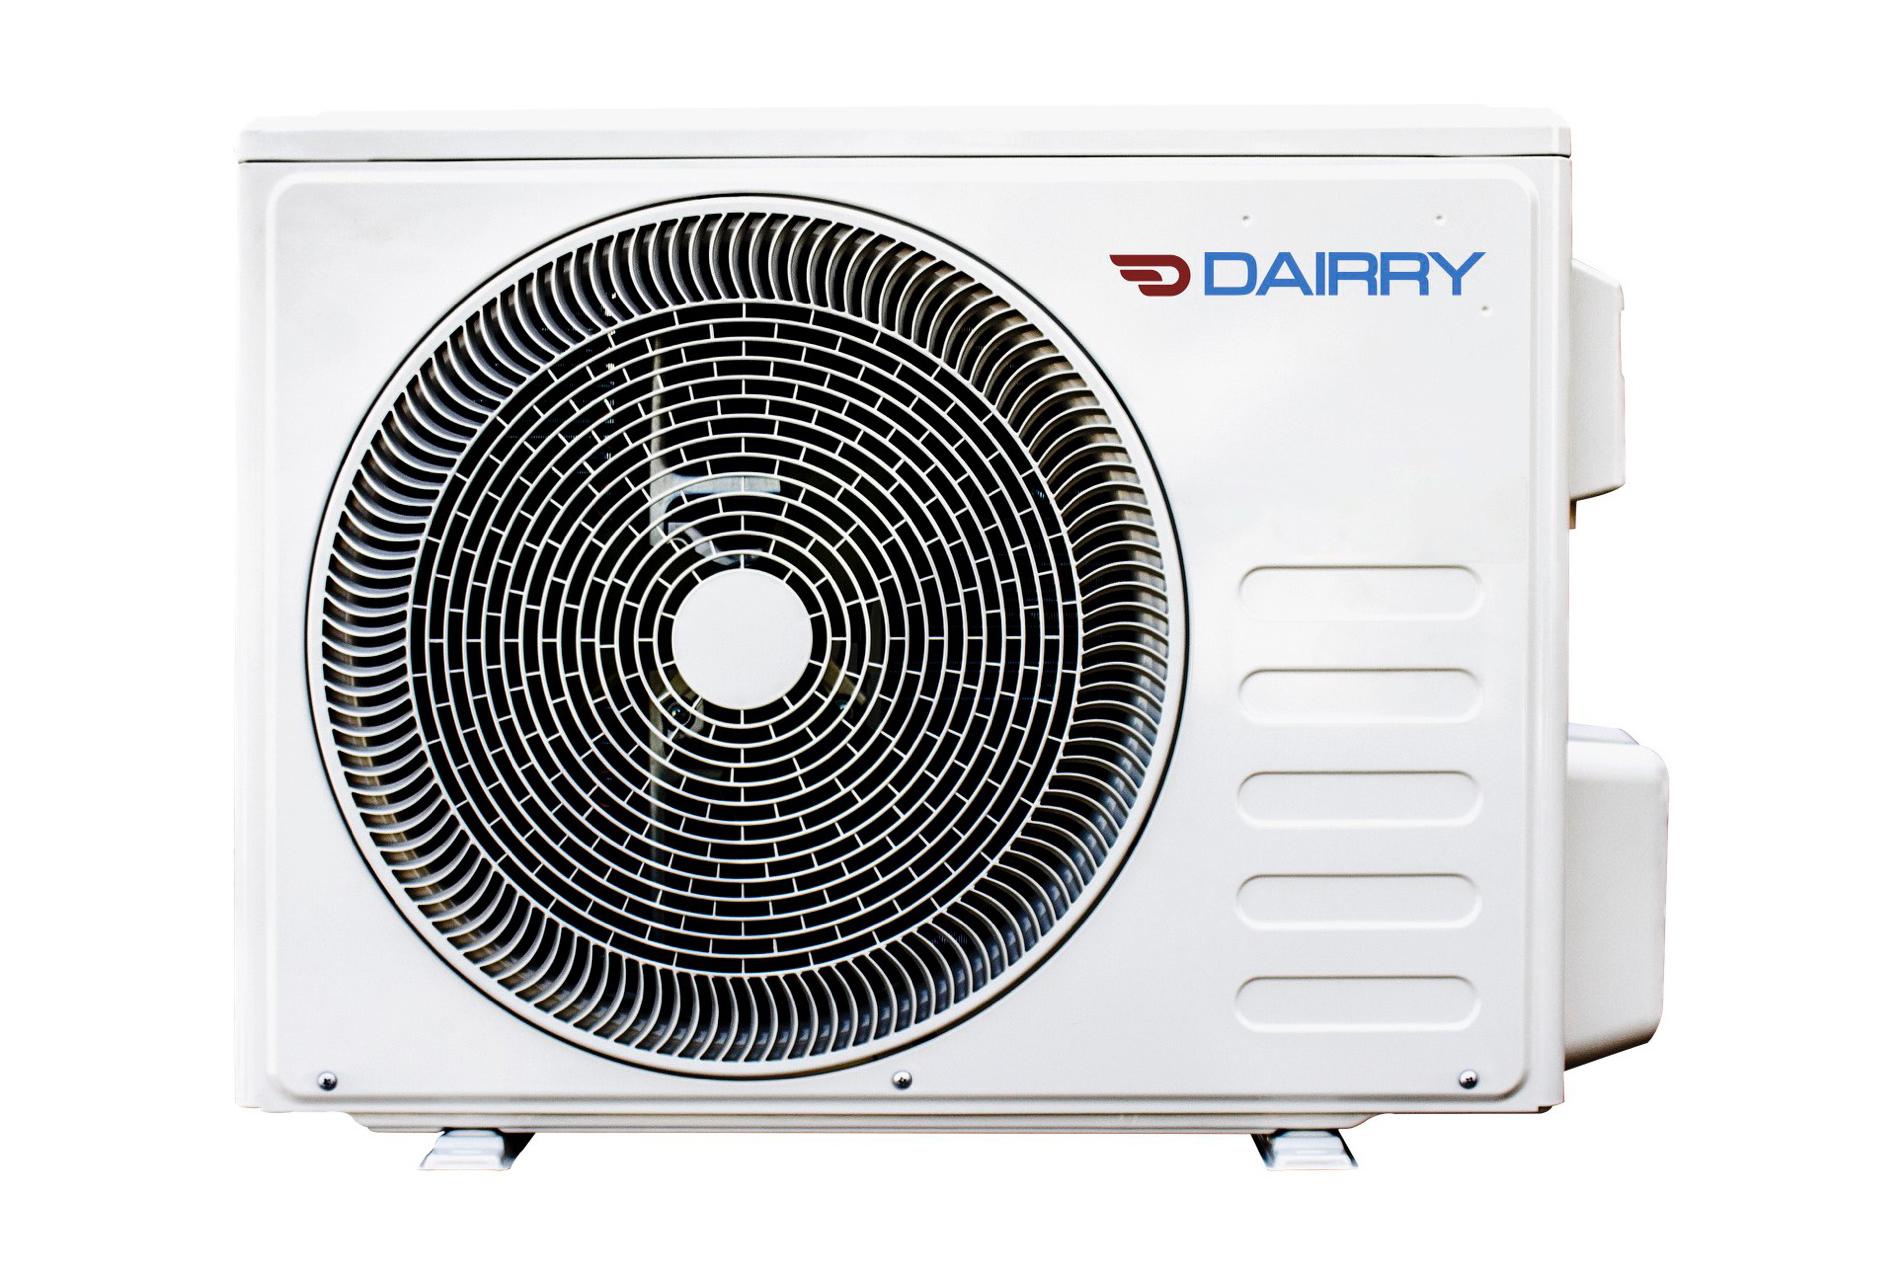 Điều hòa Dairry dòng Luxury DR09-LKC 9000btu 1 chiều R32